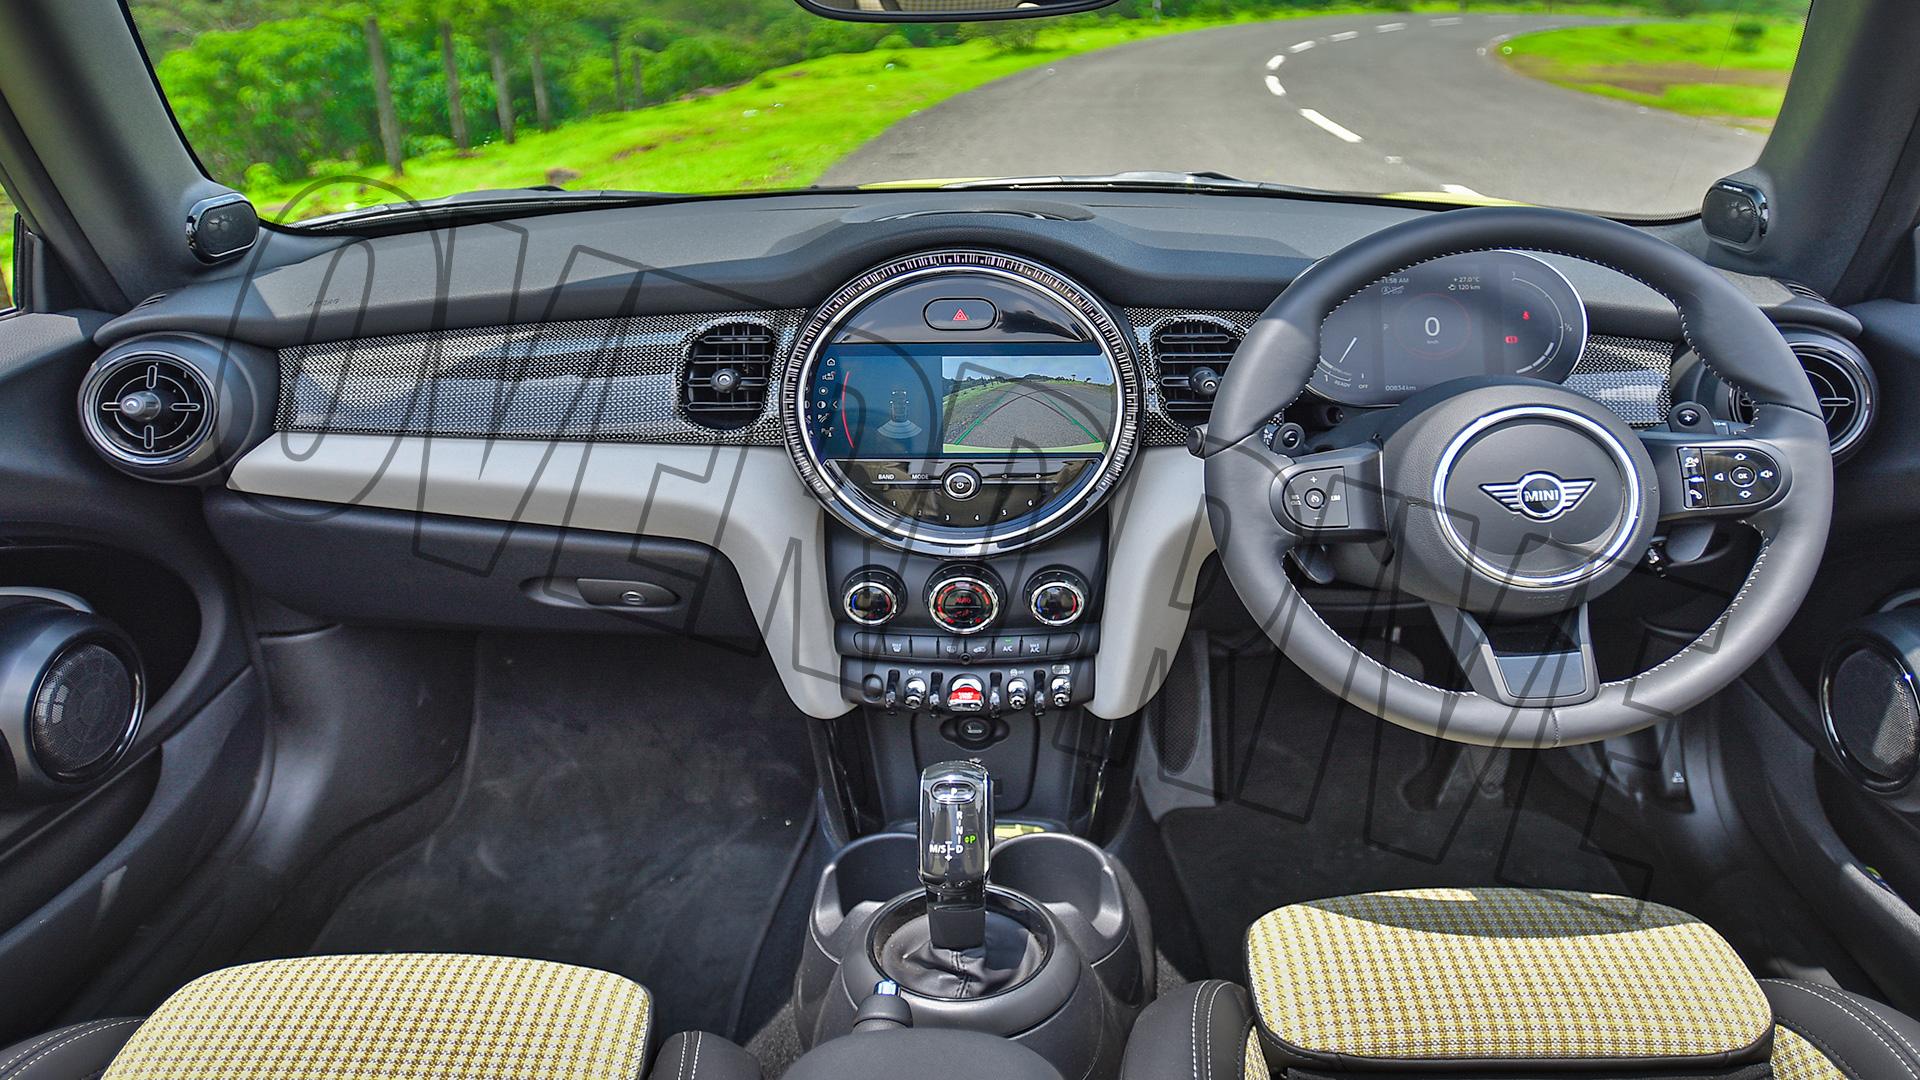 Mini Cooper S 2021 Convertible Interior